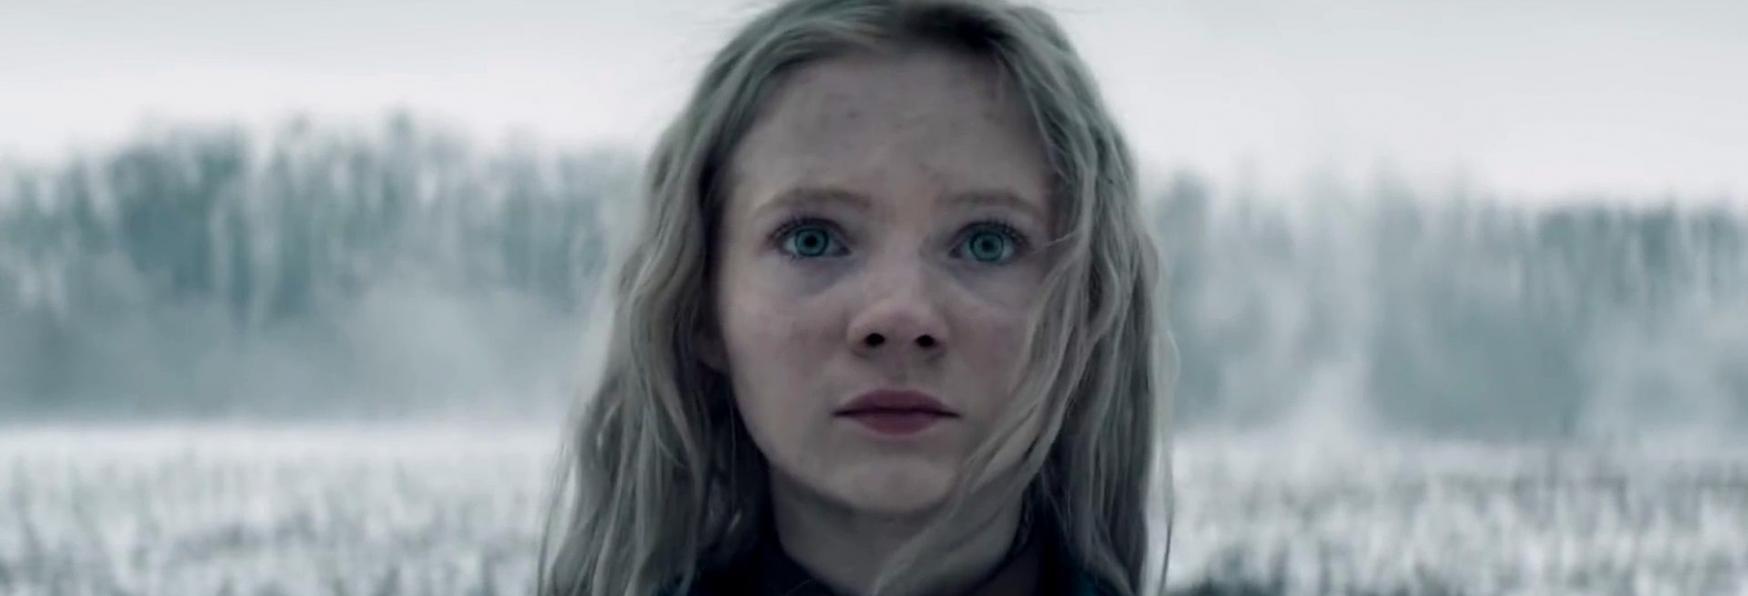 The Witcher: Recensione dei Primi 4 Episodi della nuova Serie TV Netflix